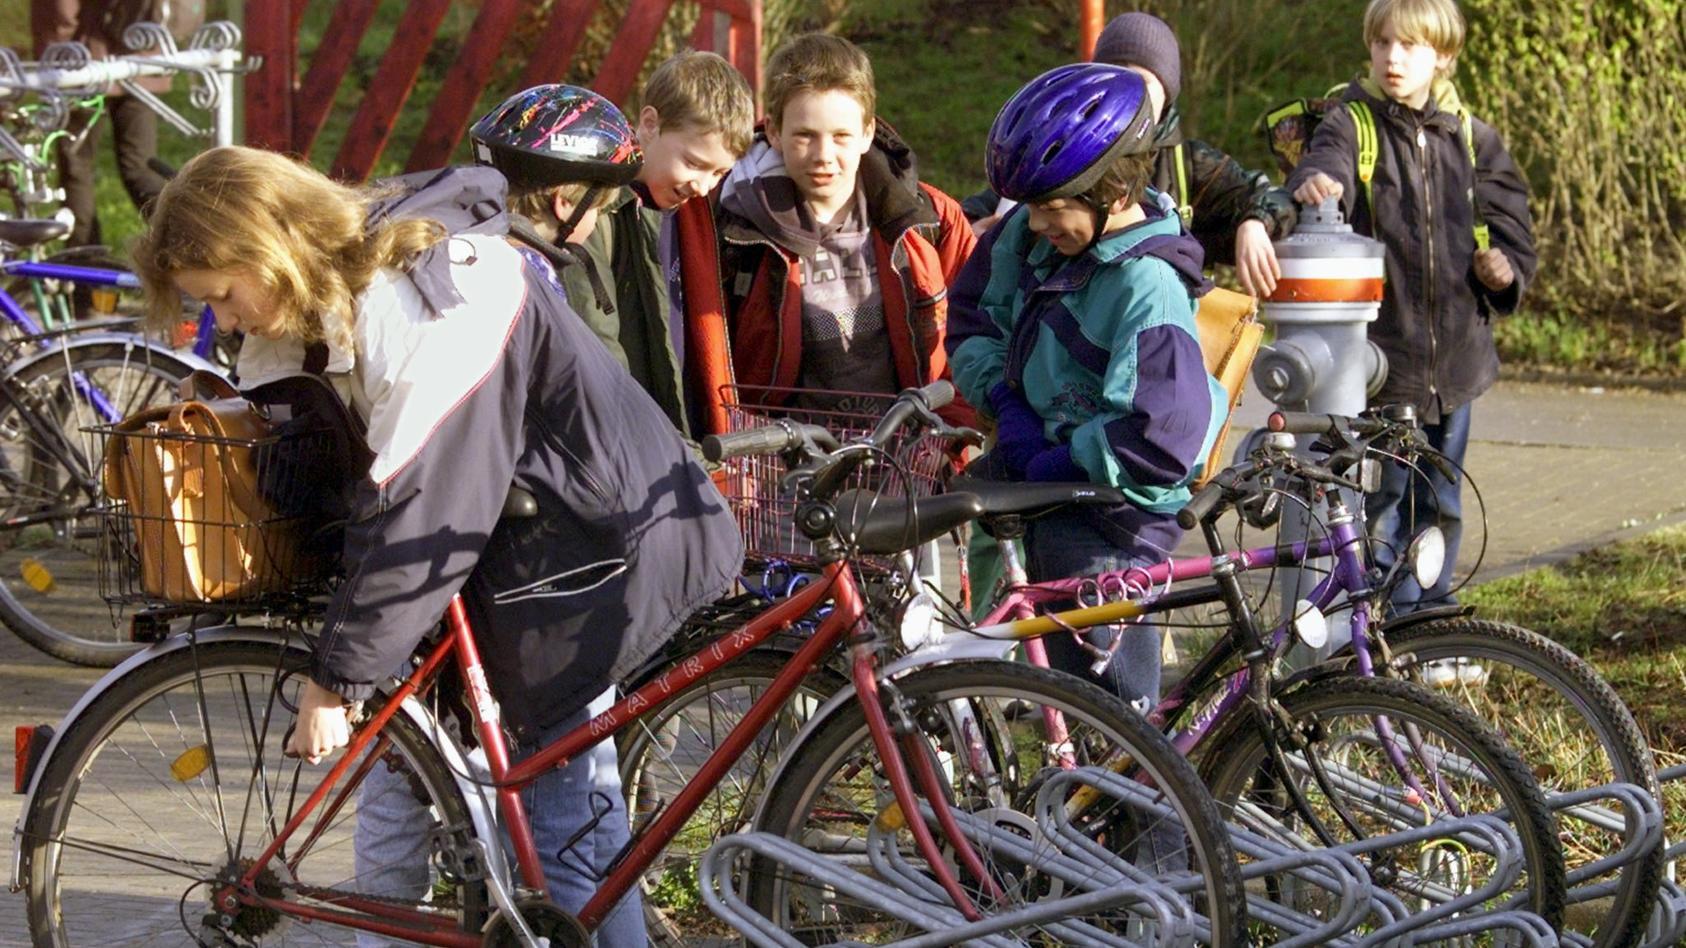 Am Grenzweg in Magdeburg dürfen Erstklässler der gleichnamigen Grundschule jetzt nicht mehr mit dem Rad zur Schule kommen (Symbolbild).